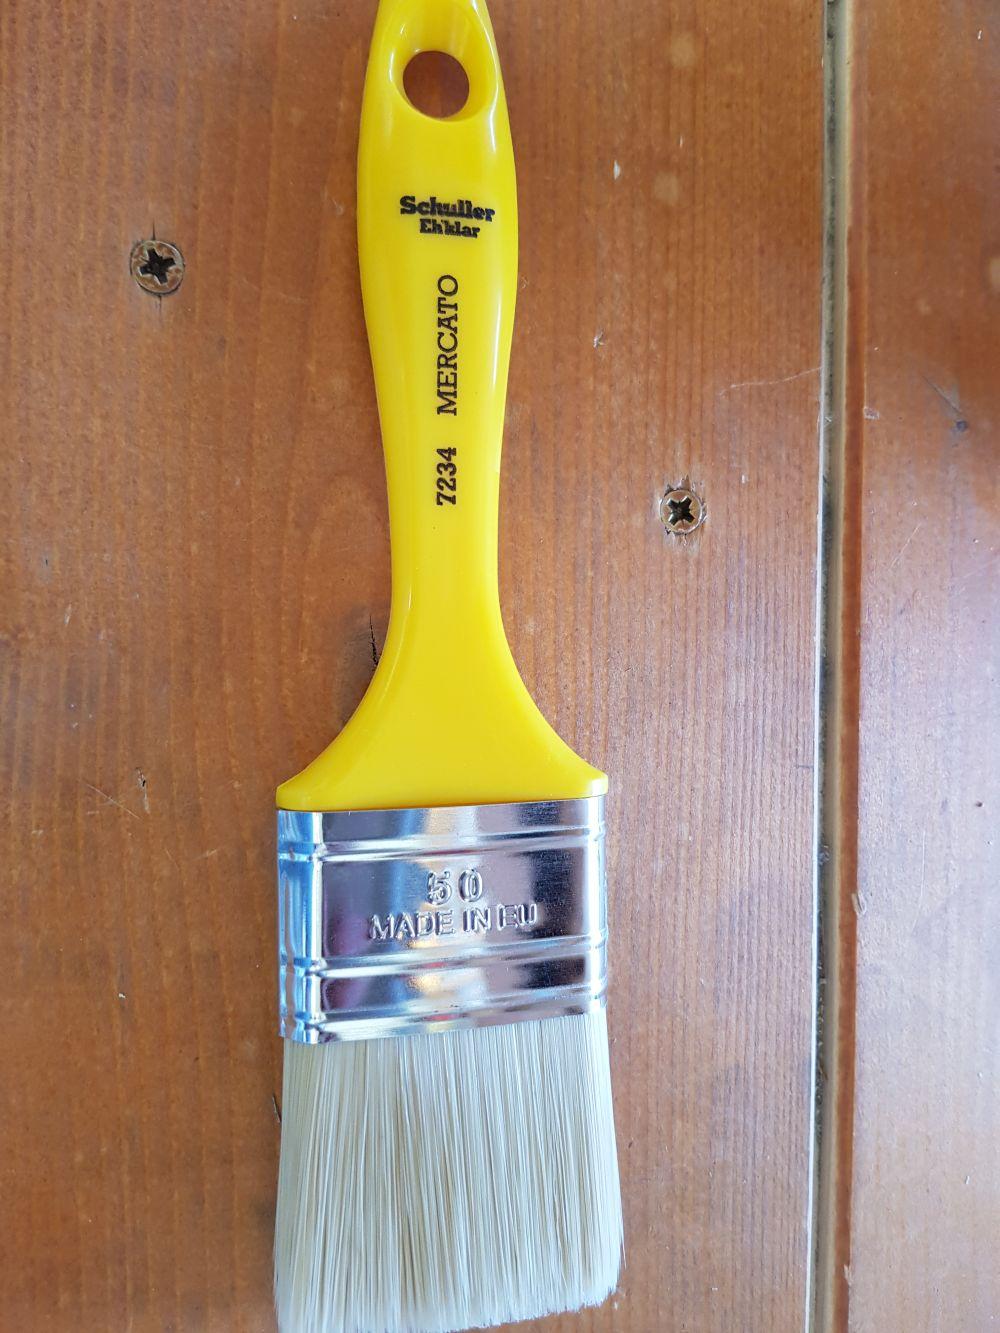 Ecset müanyag sárga 30mm sch BAUplaza Kft.